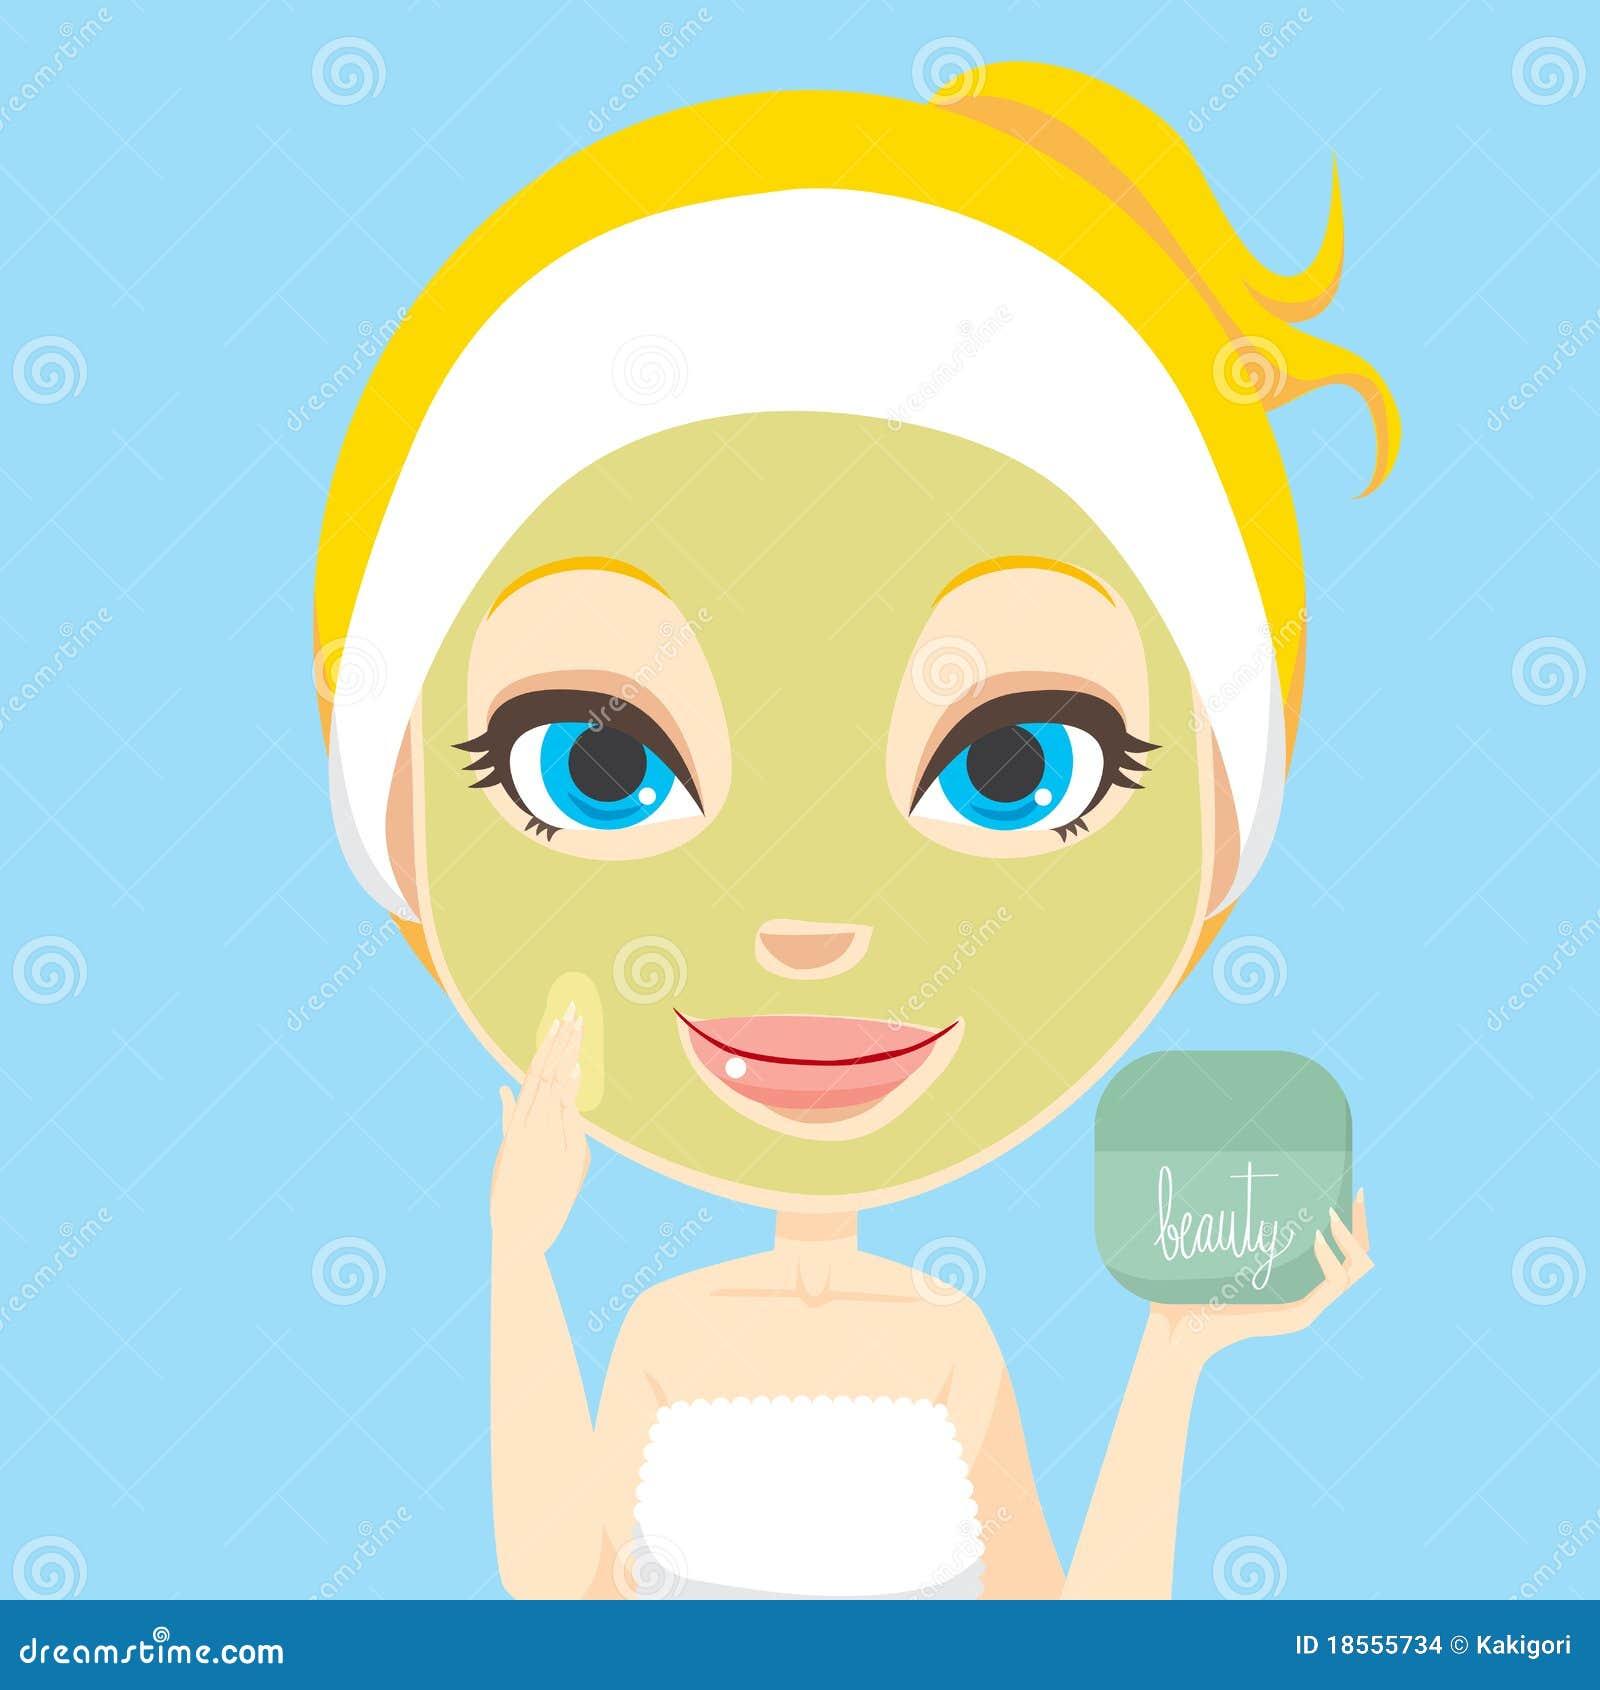 makeup valentine's day cards - Cuidado De Piel Facial Imagenes de archivo Imagen